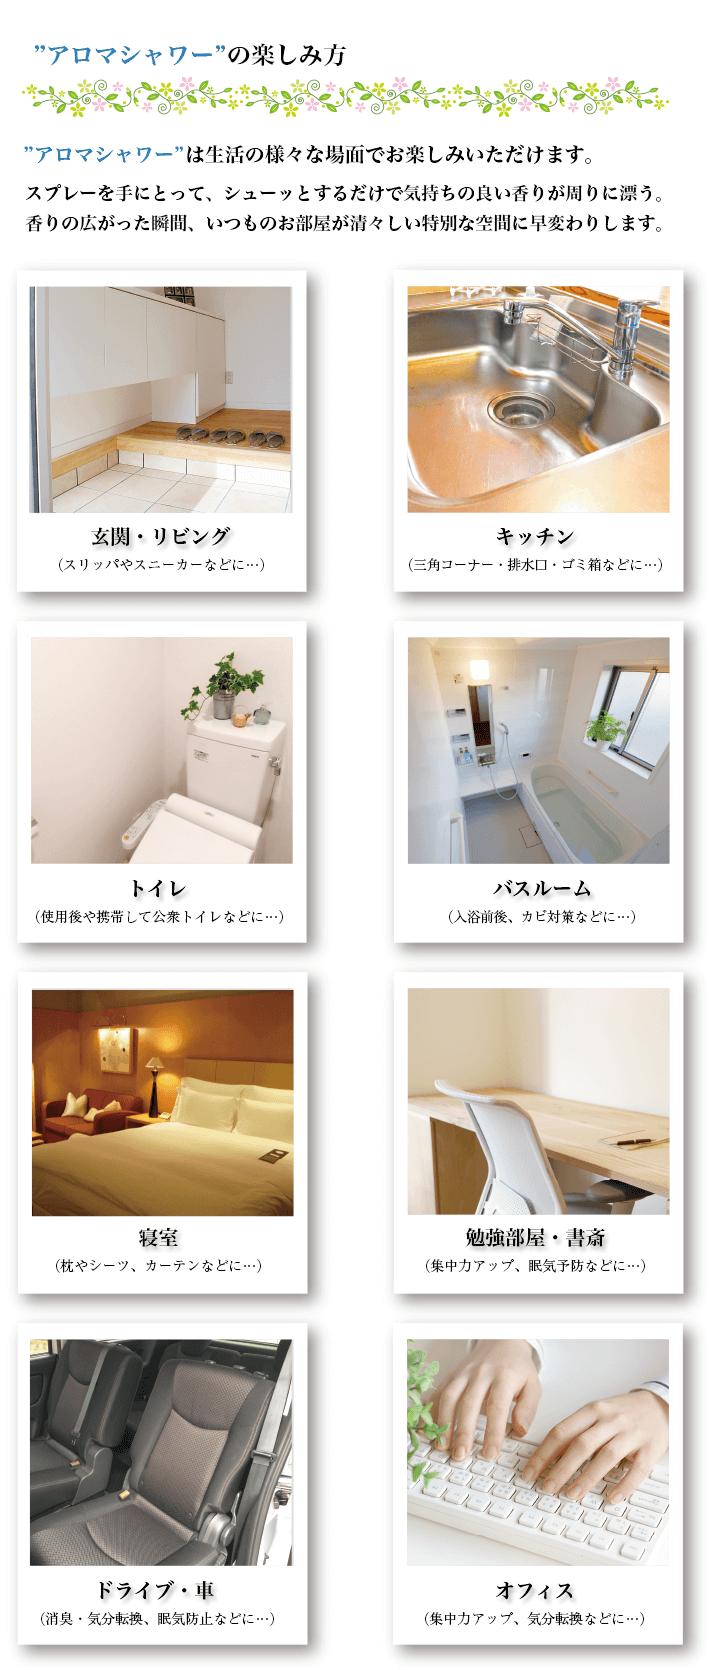 """""""アロマシャワー""""の楽しみ方"""